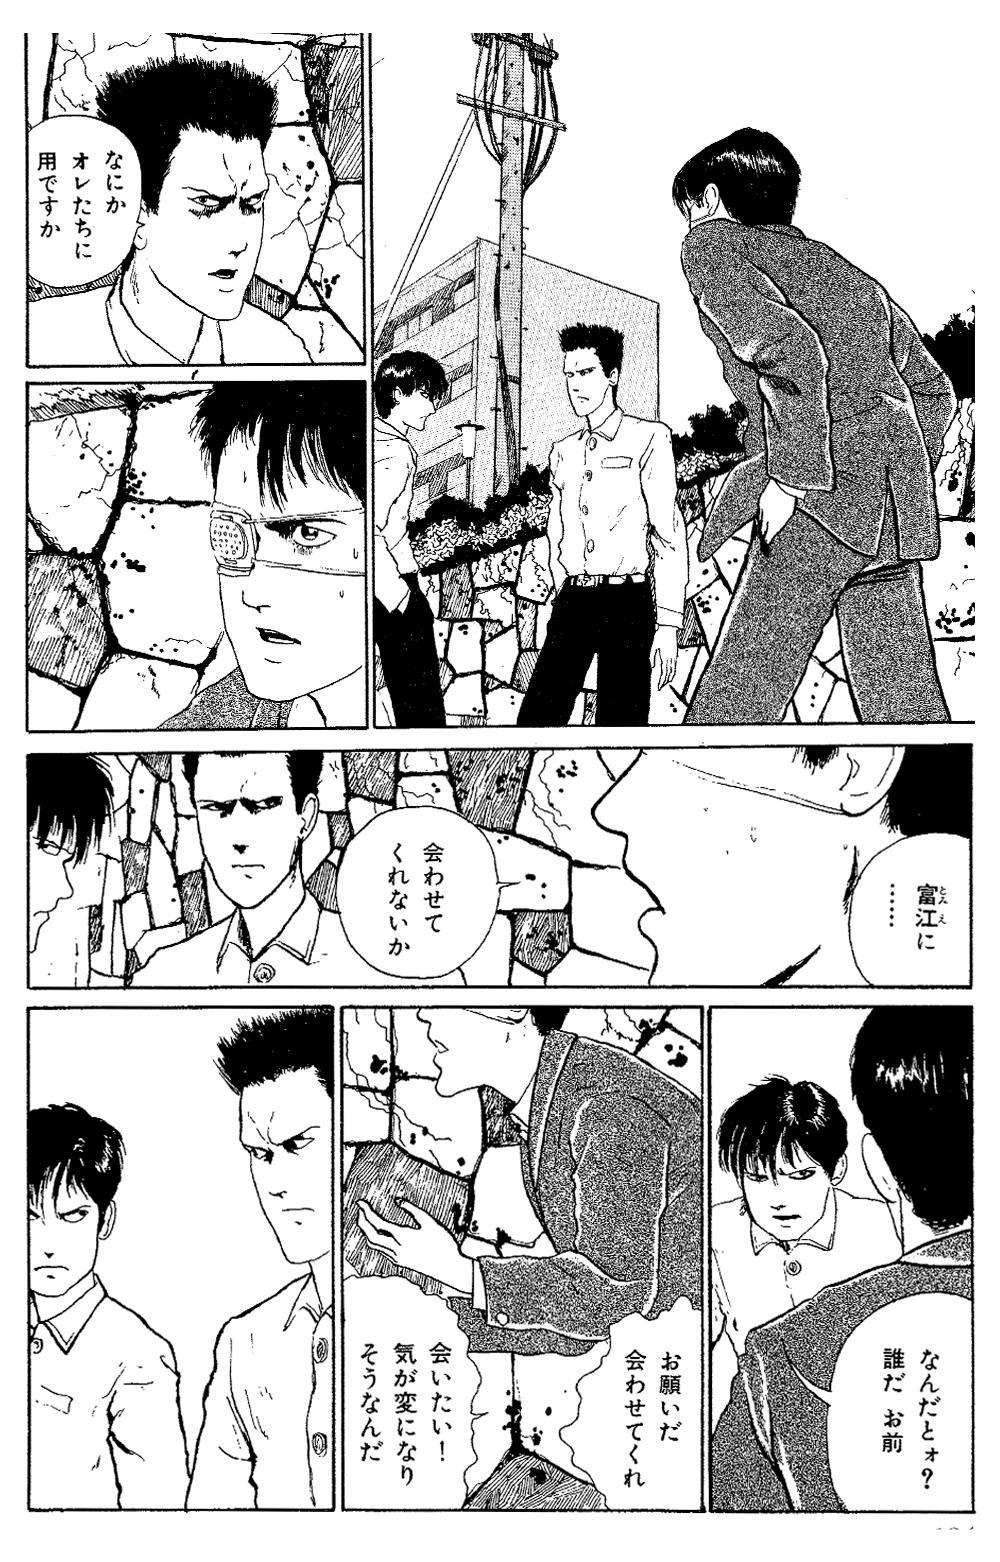 伊藤潤二傑作集 第5話「富江 接吻」①junji15-06.jpg